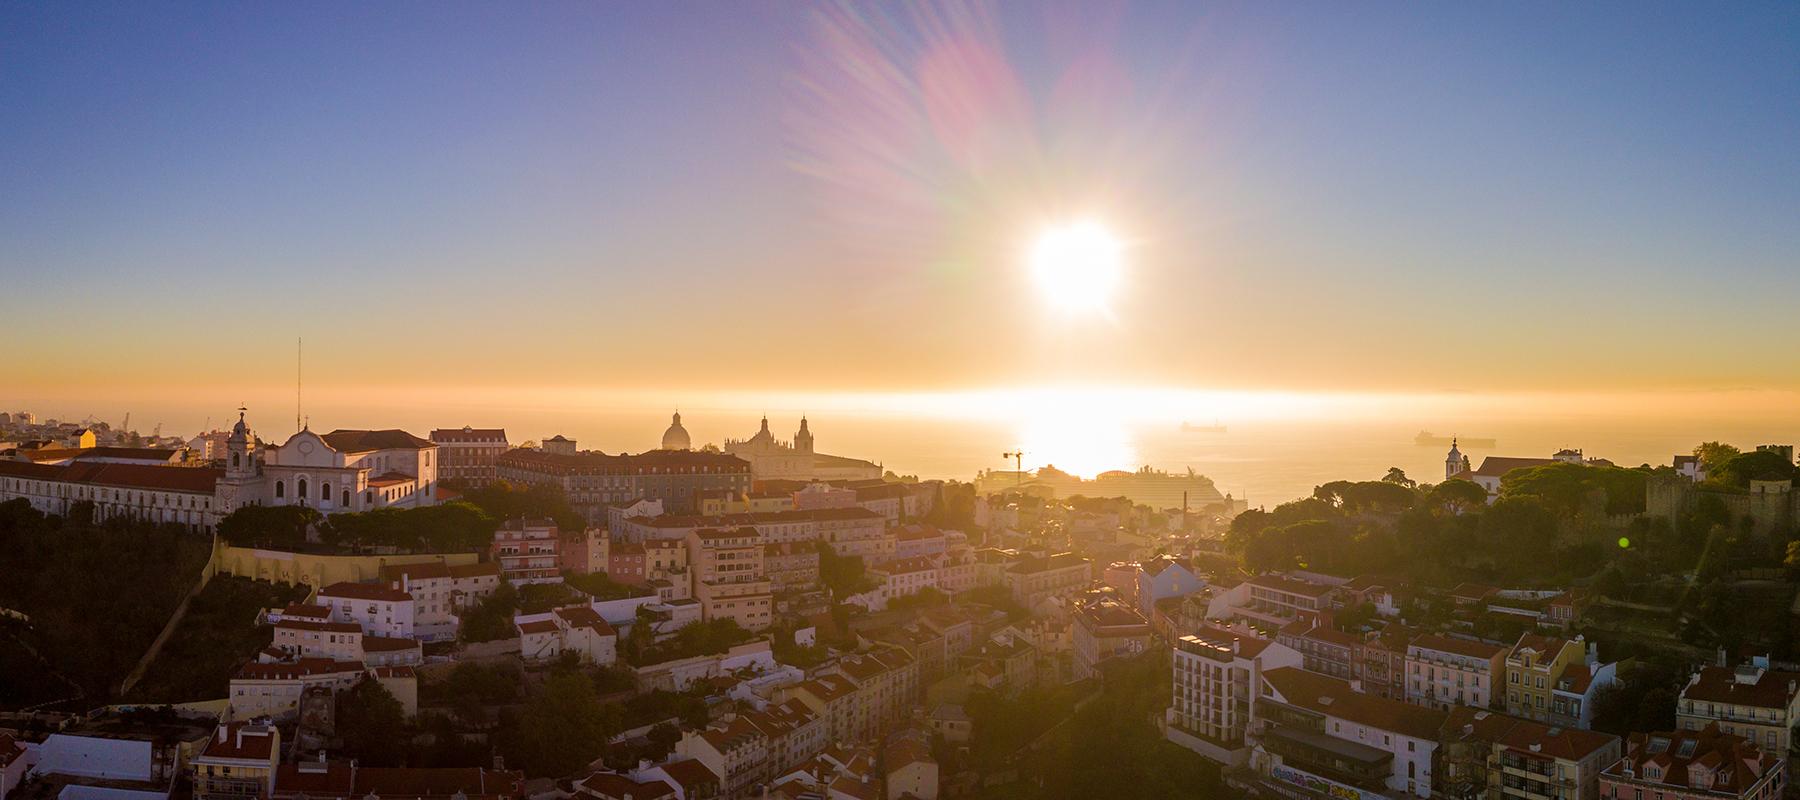 Dé zomerwijnen uit 2021 komen uit Portugal!